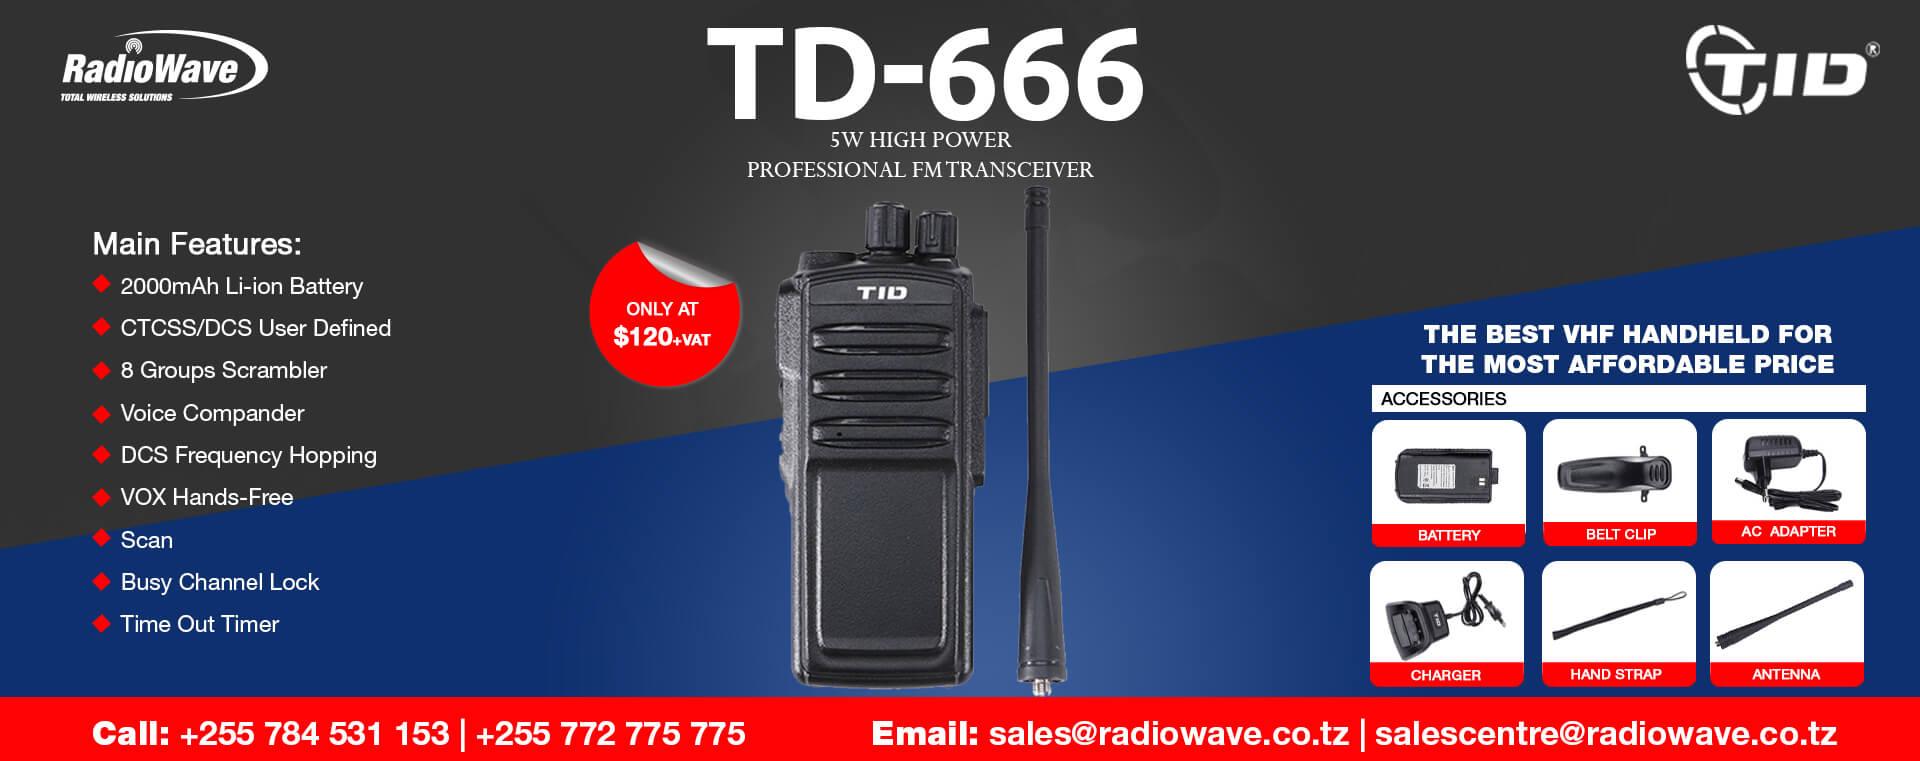 td-666-radio